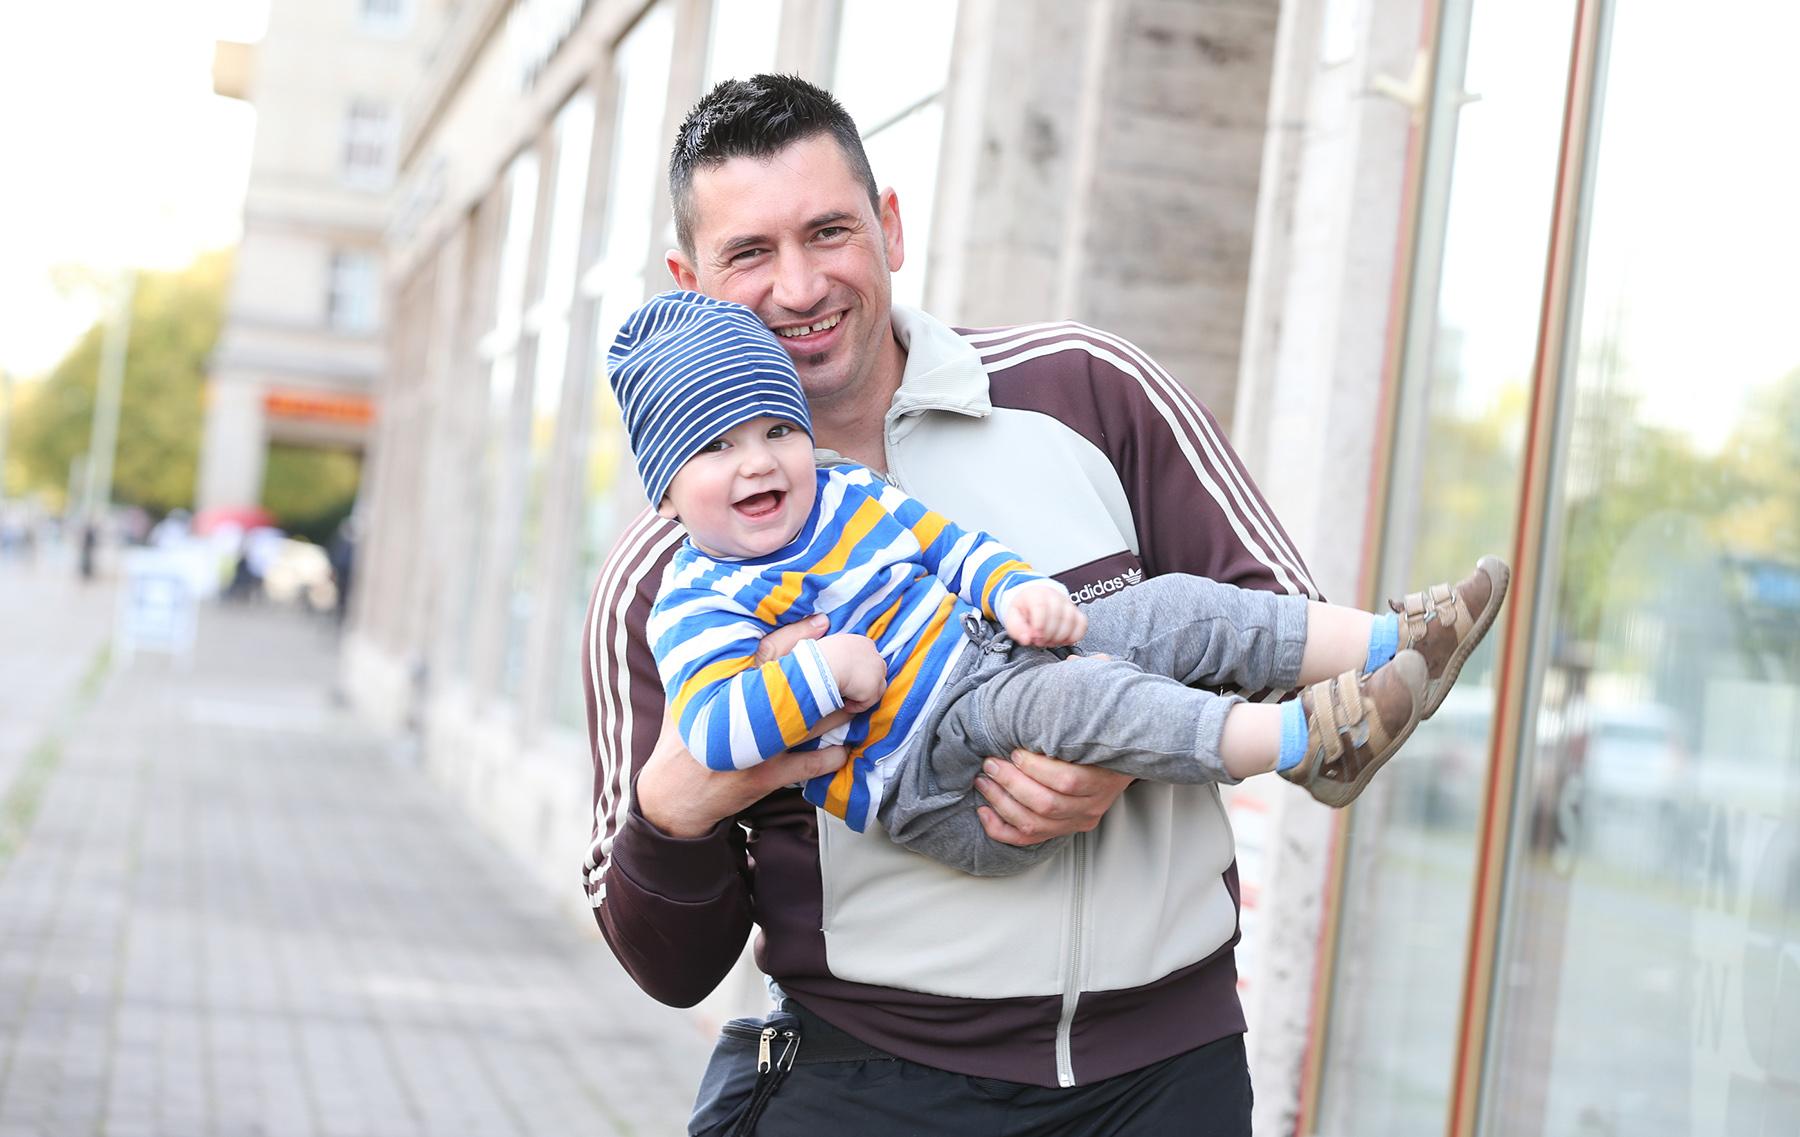 """Miralem Jerkovic aus Friedrichshain mit Sohn Ajdin """"Meinen Sohn täglich lachen zu sehen, dass ist mein größtes Glück"""""""